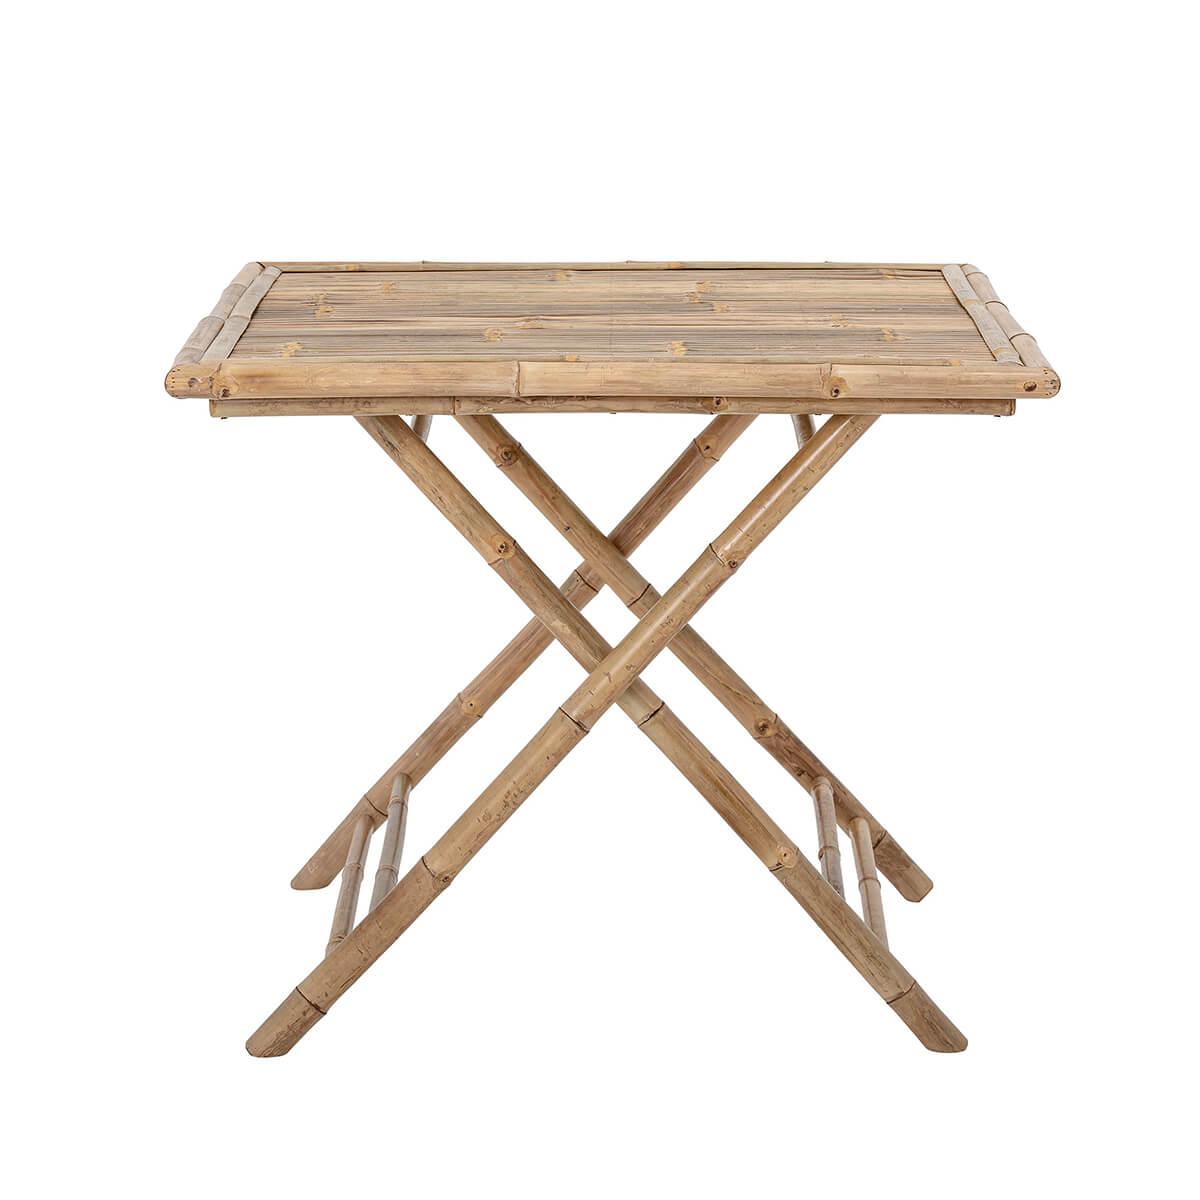 Bambusz asztal teraszra vagy reggelizéshez természetes skandináv bútor